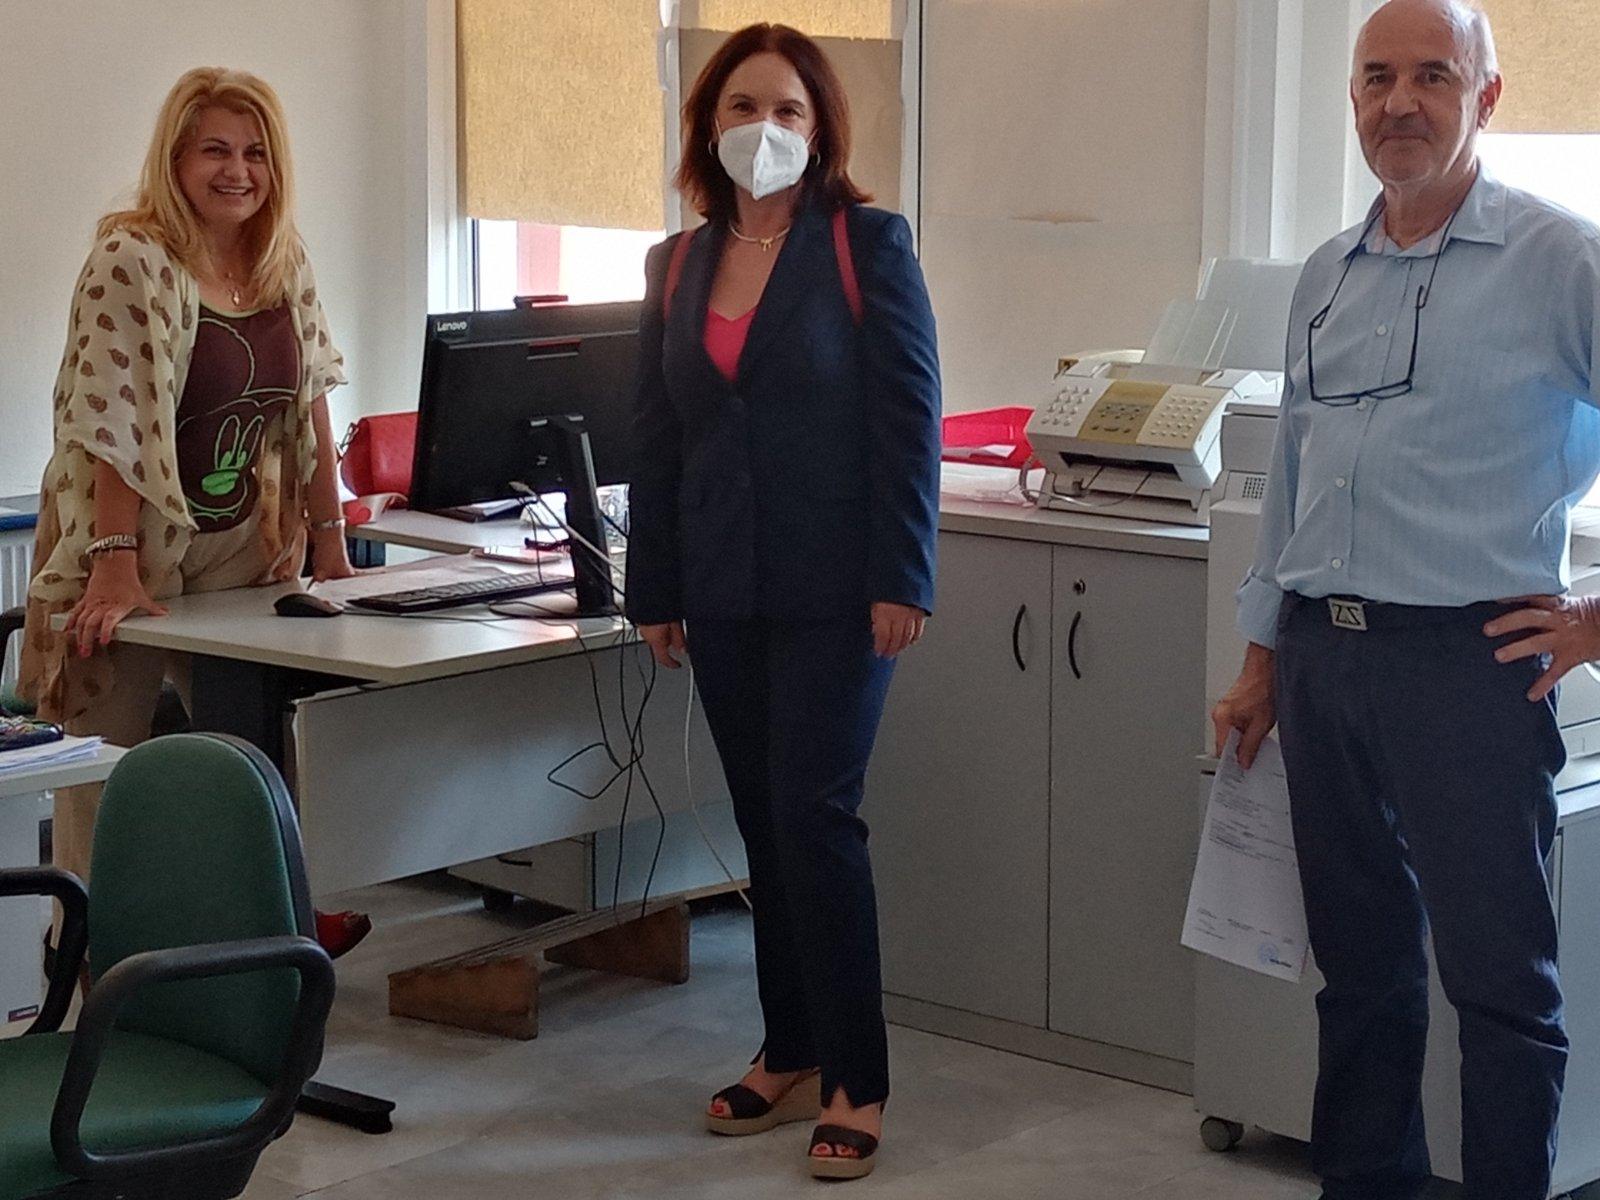 Καλλιόπη Βέττα: H Π.Ε. Κοζάνης πρέπει να τύχει ενισχυμένης στήριξης για προγράμματα επιμόρφωσης των ανέργων και εύρεσης εργασίας – Επίσκεψη στον ΟΑΕΔ Κοζάνης